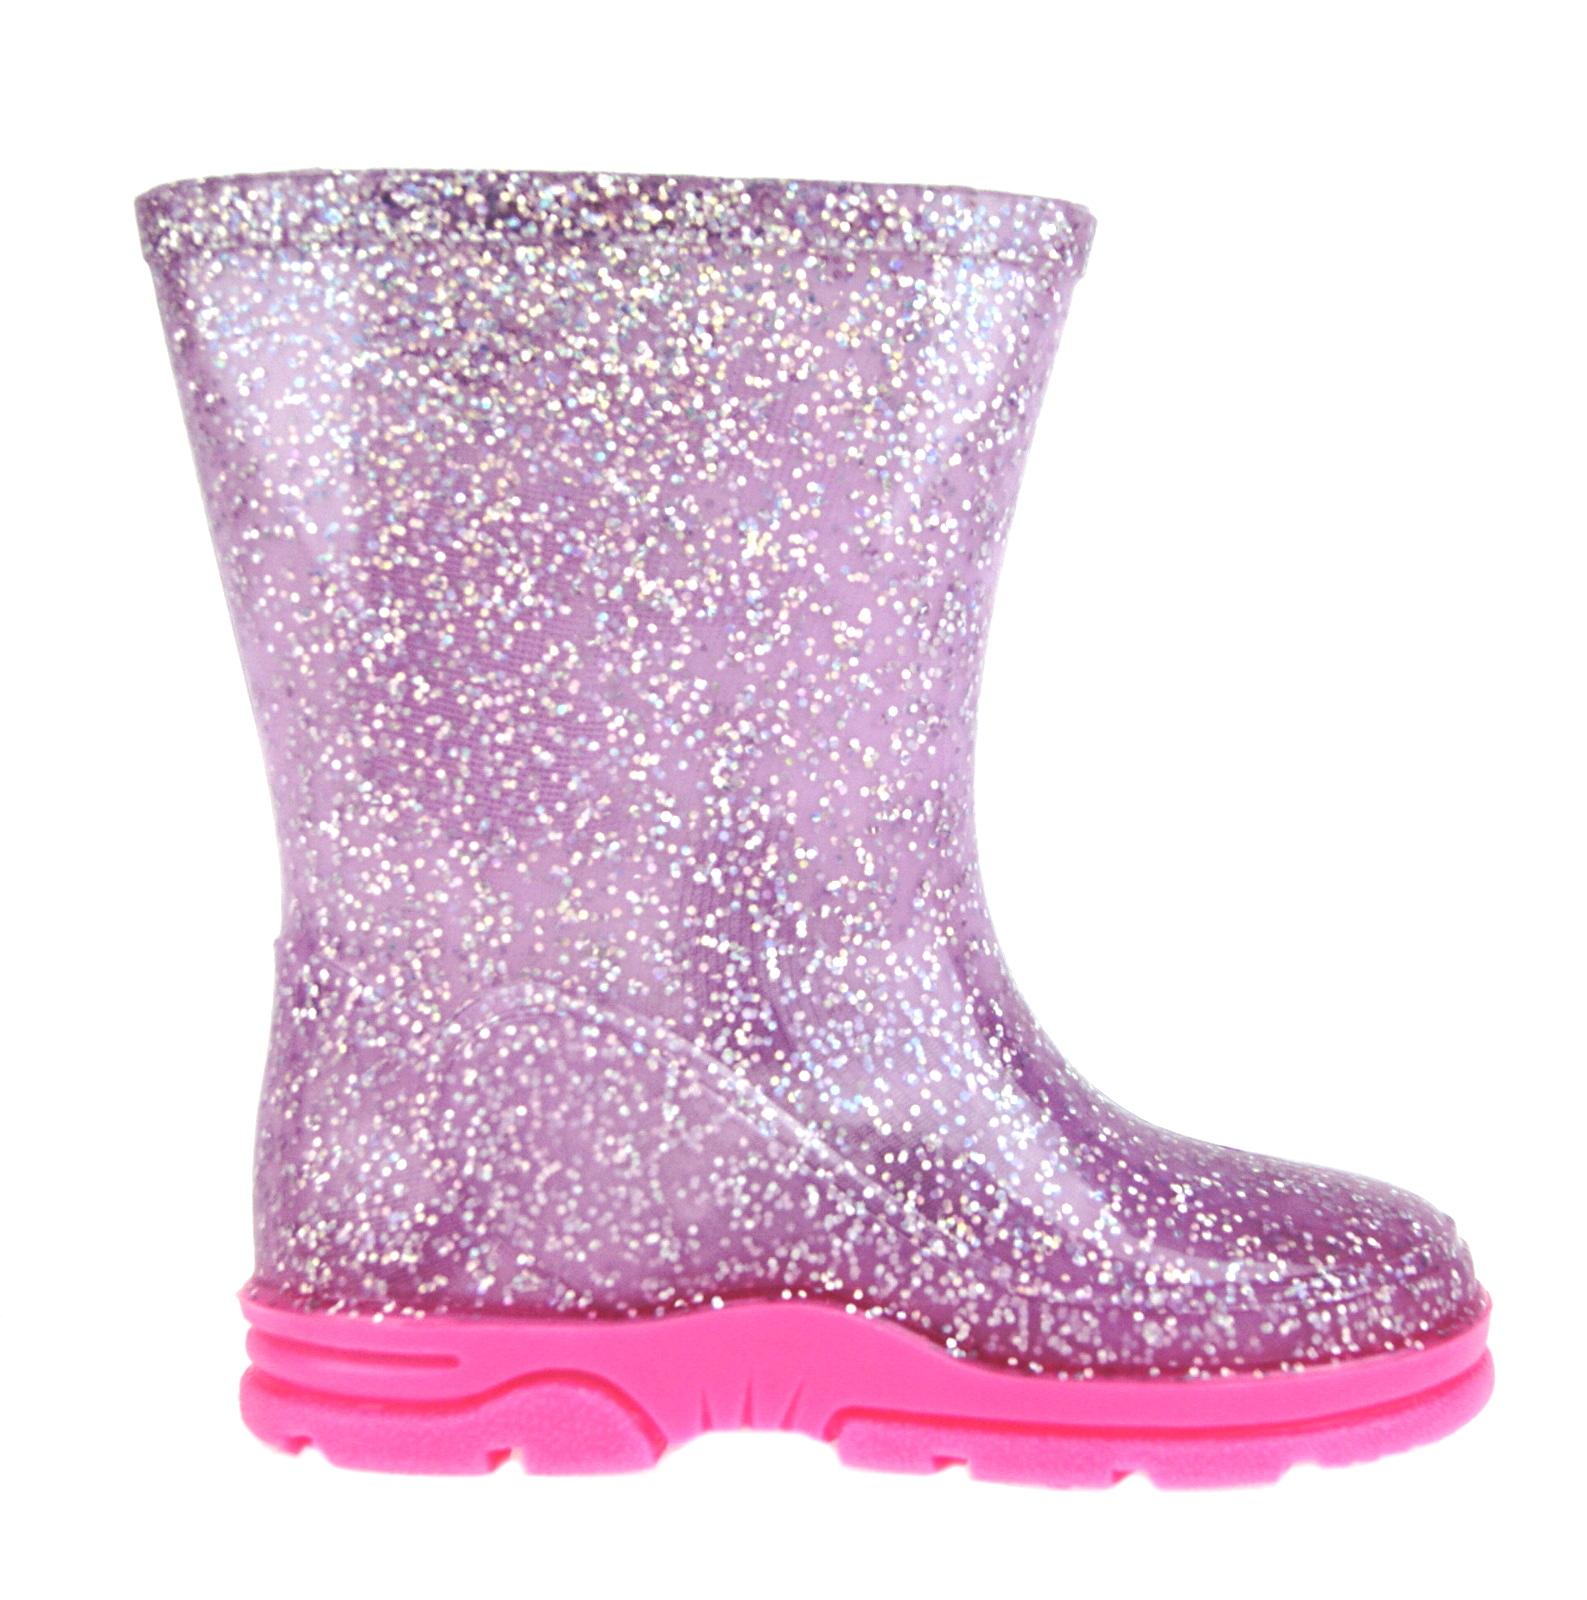 Girls-Peppa-Pig-Wellington-Boots-Mid-Calf-Gitter-Snow-Rain-Wellies-Kids-Size Indexbild 21